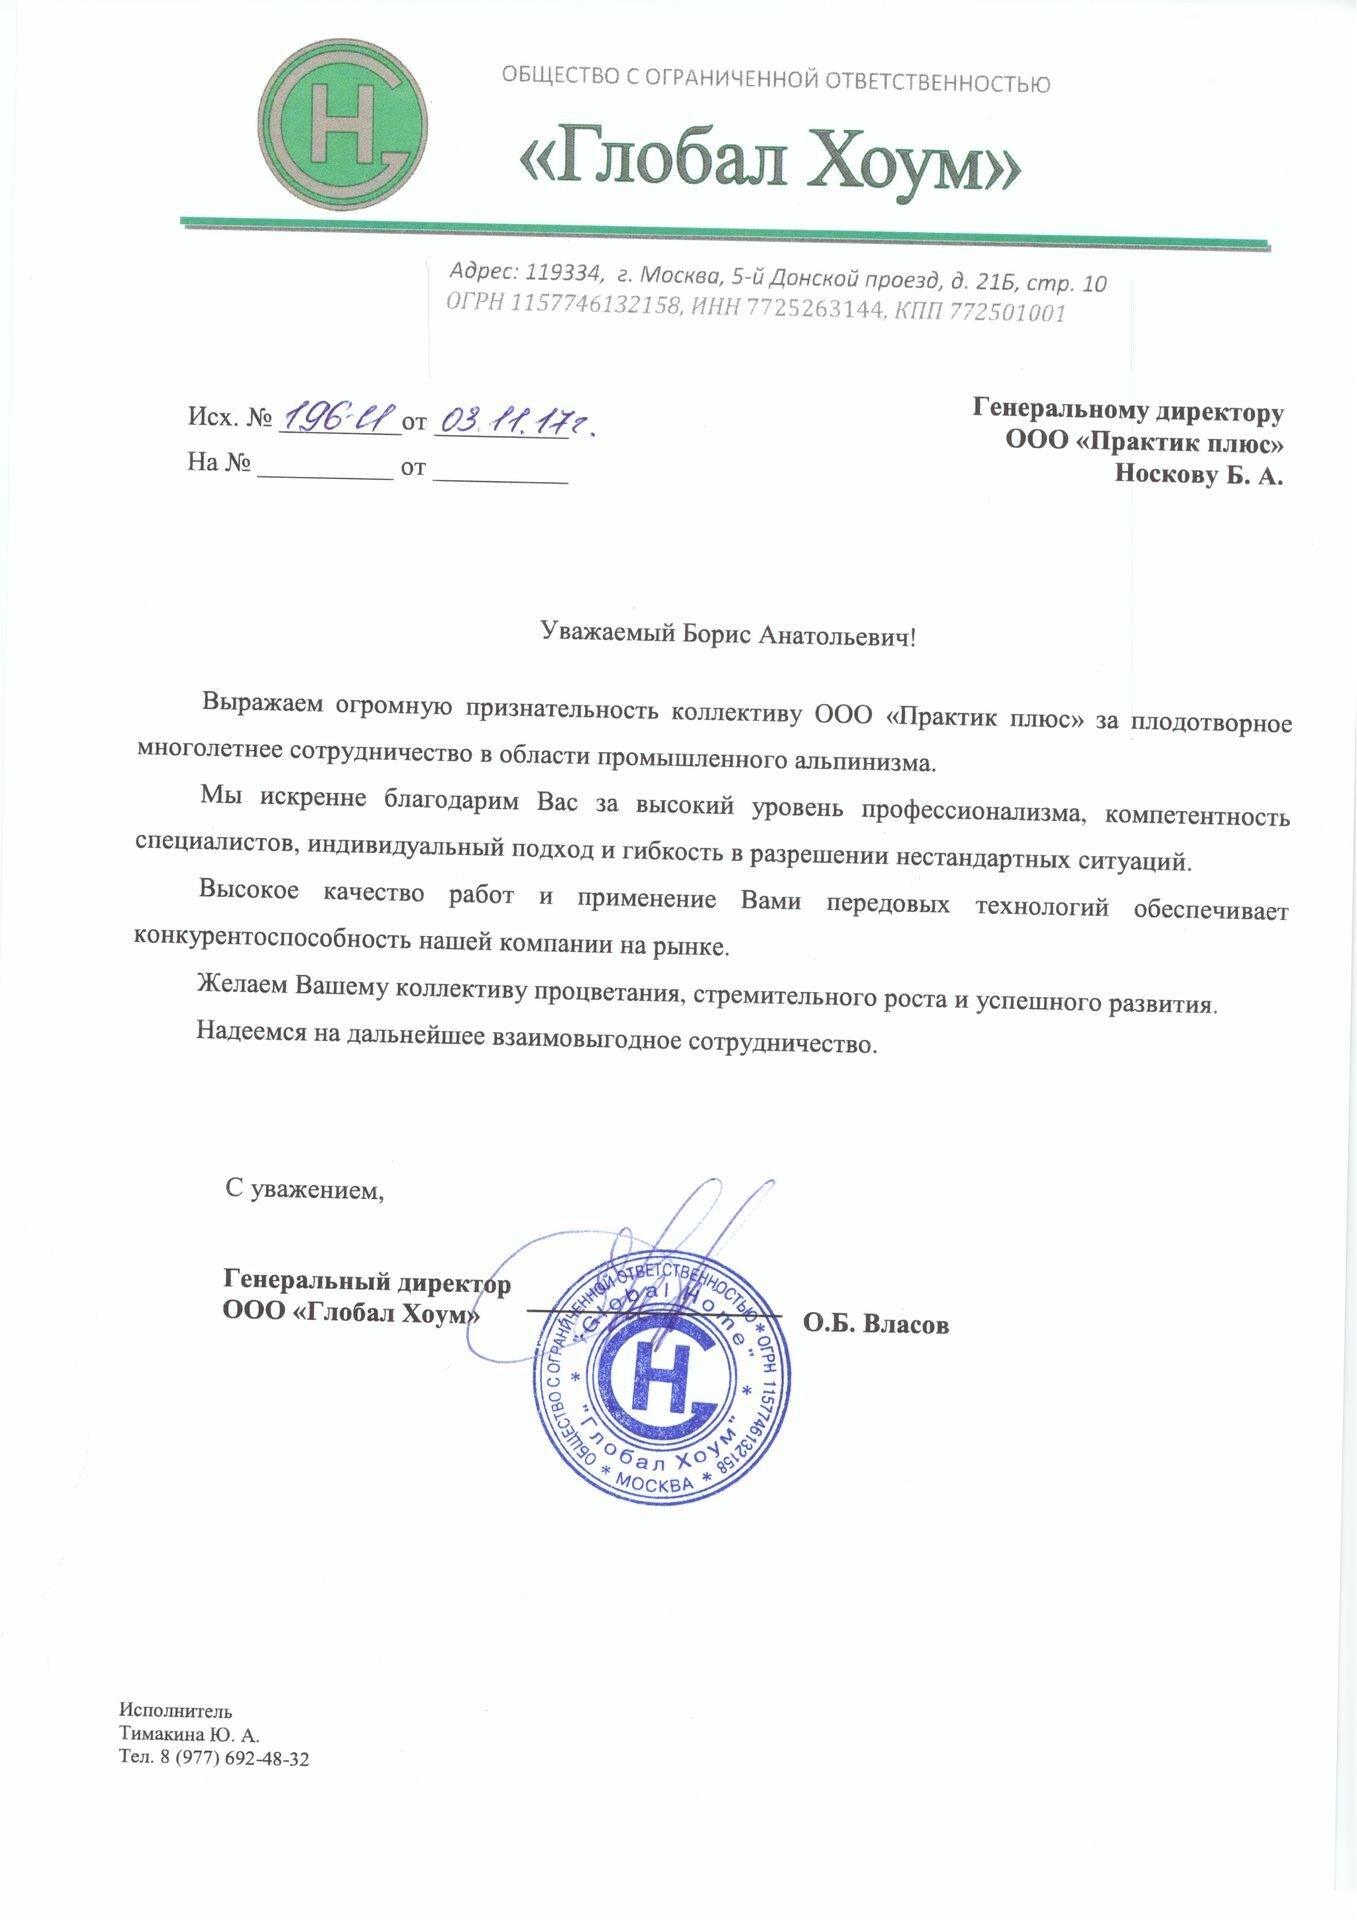 Компании промышленный альпинизм в москве